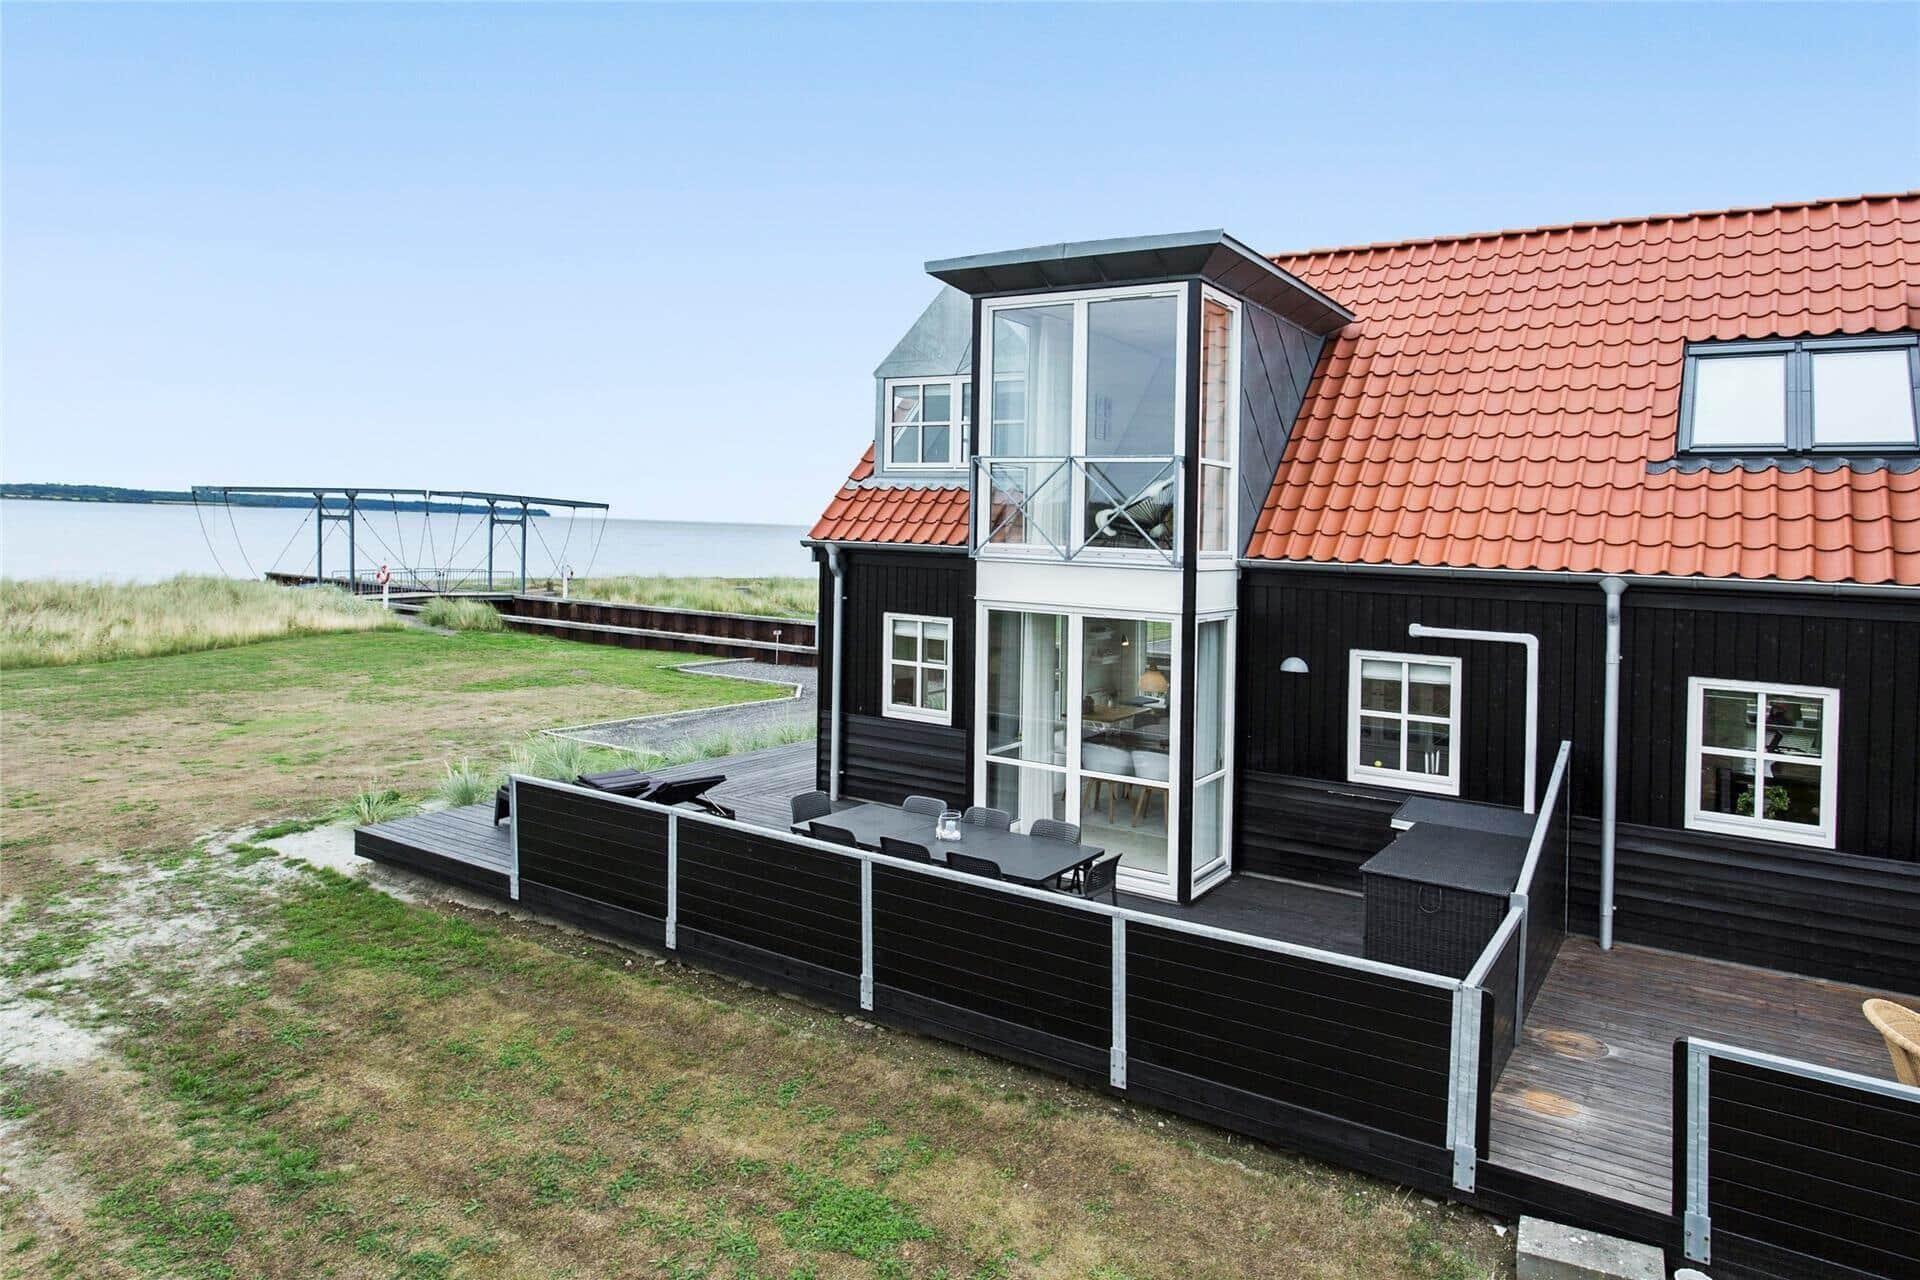 Afbeelding 1-19 Vakantiehuis 40100, Strandengen 32, DK - 7130 Juelsminde